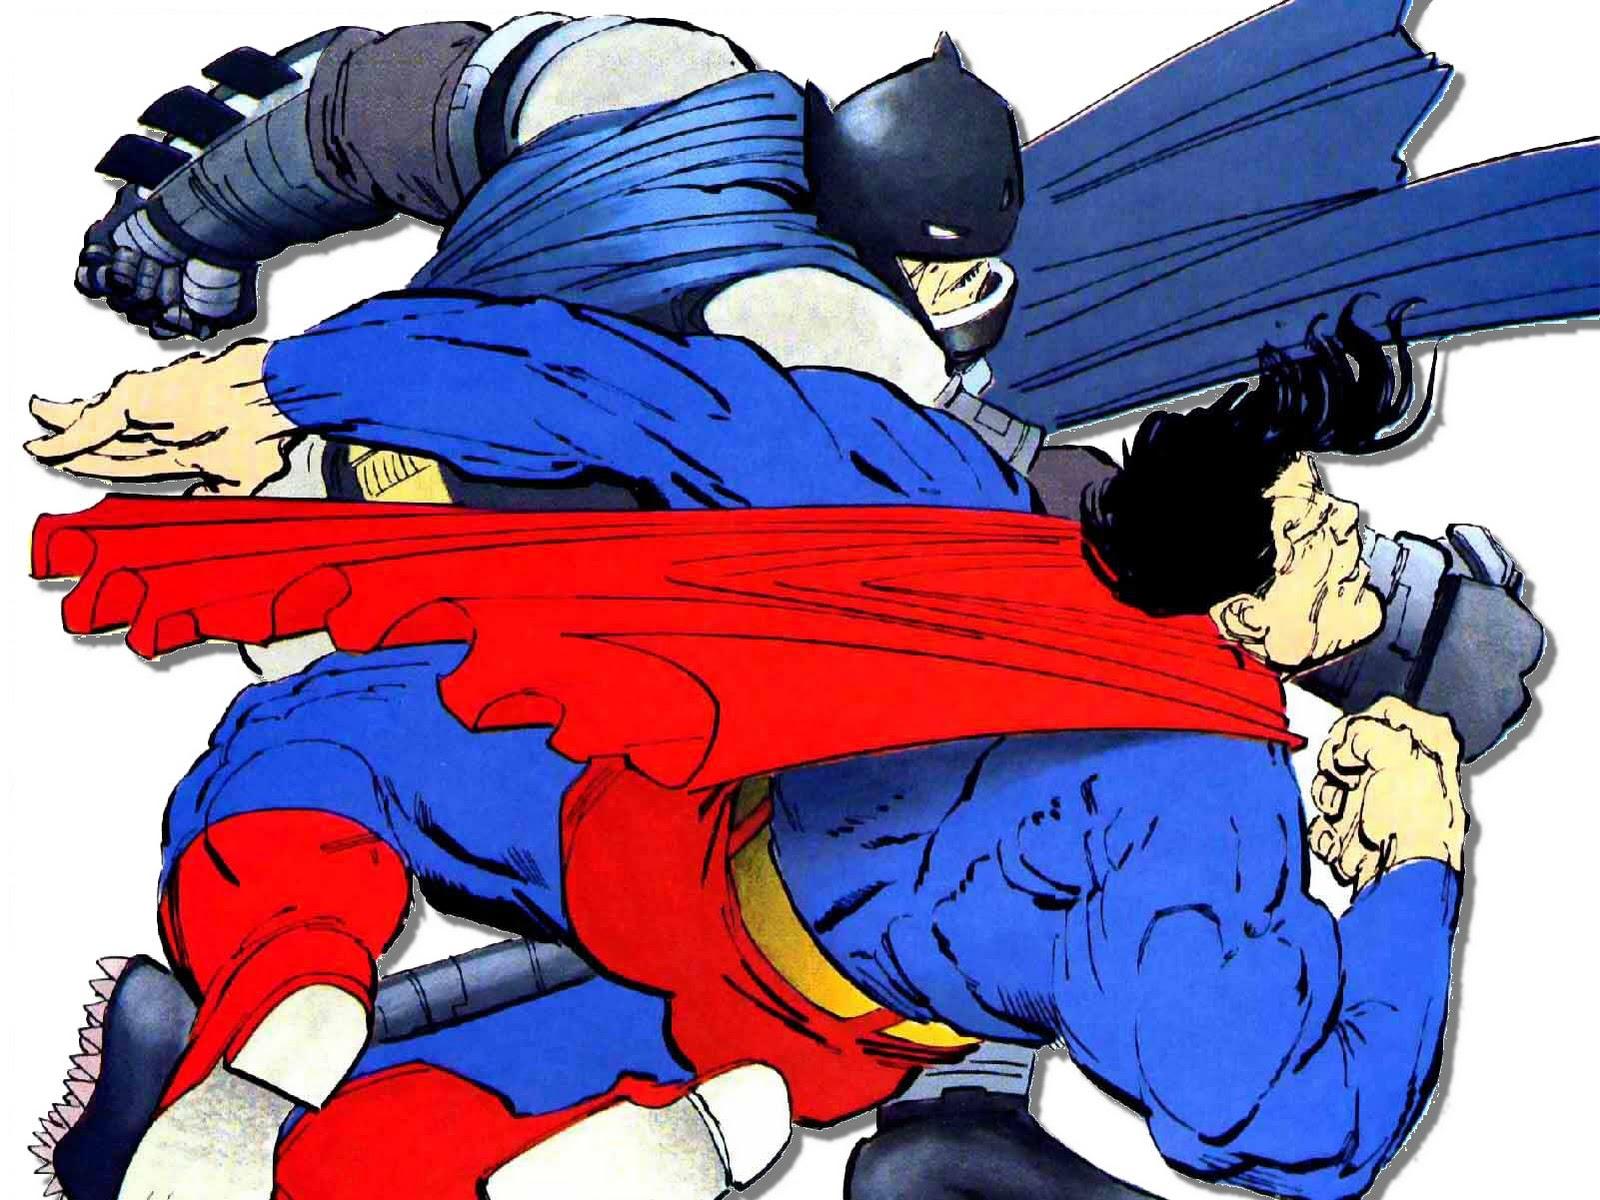 http://4.bp.blogspot.com/_Ba5dQnFM3pc/TUndY38irxI/AAAAAAAAAC0/9qVqYGB8Hu0/s1600/Batman_vs_Superman_Wallpaper.jpg